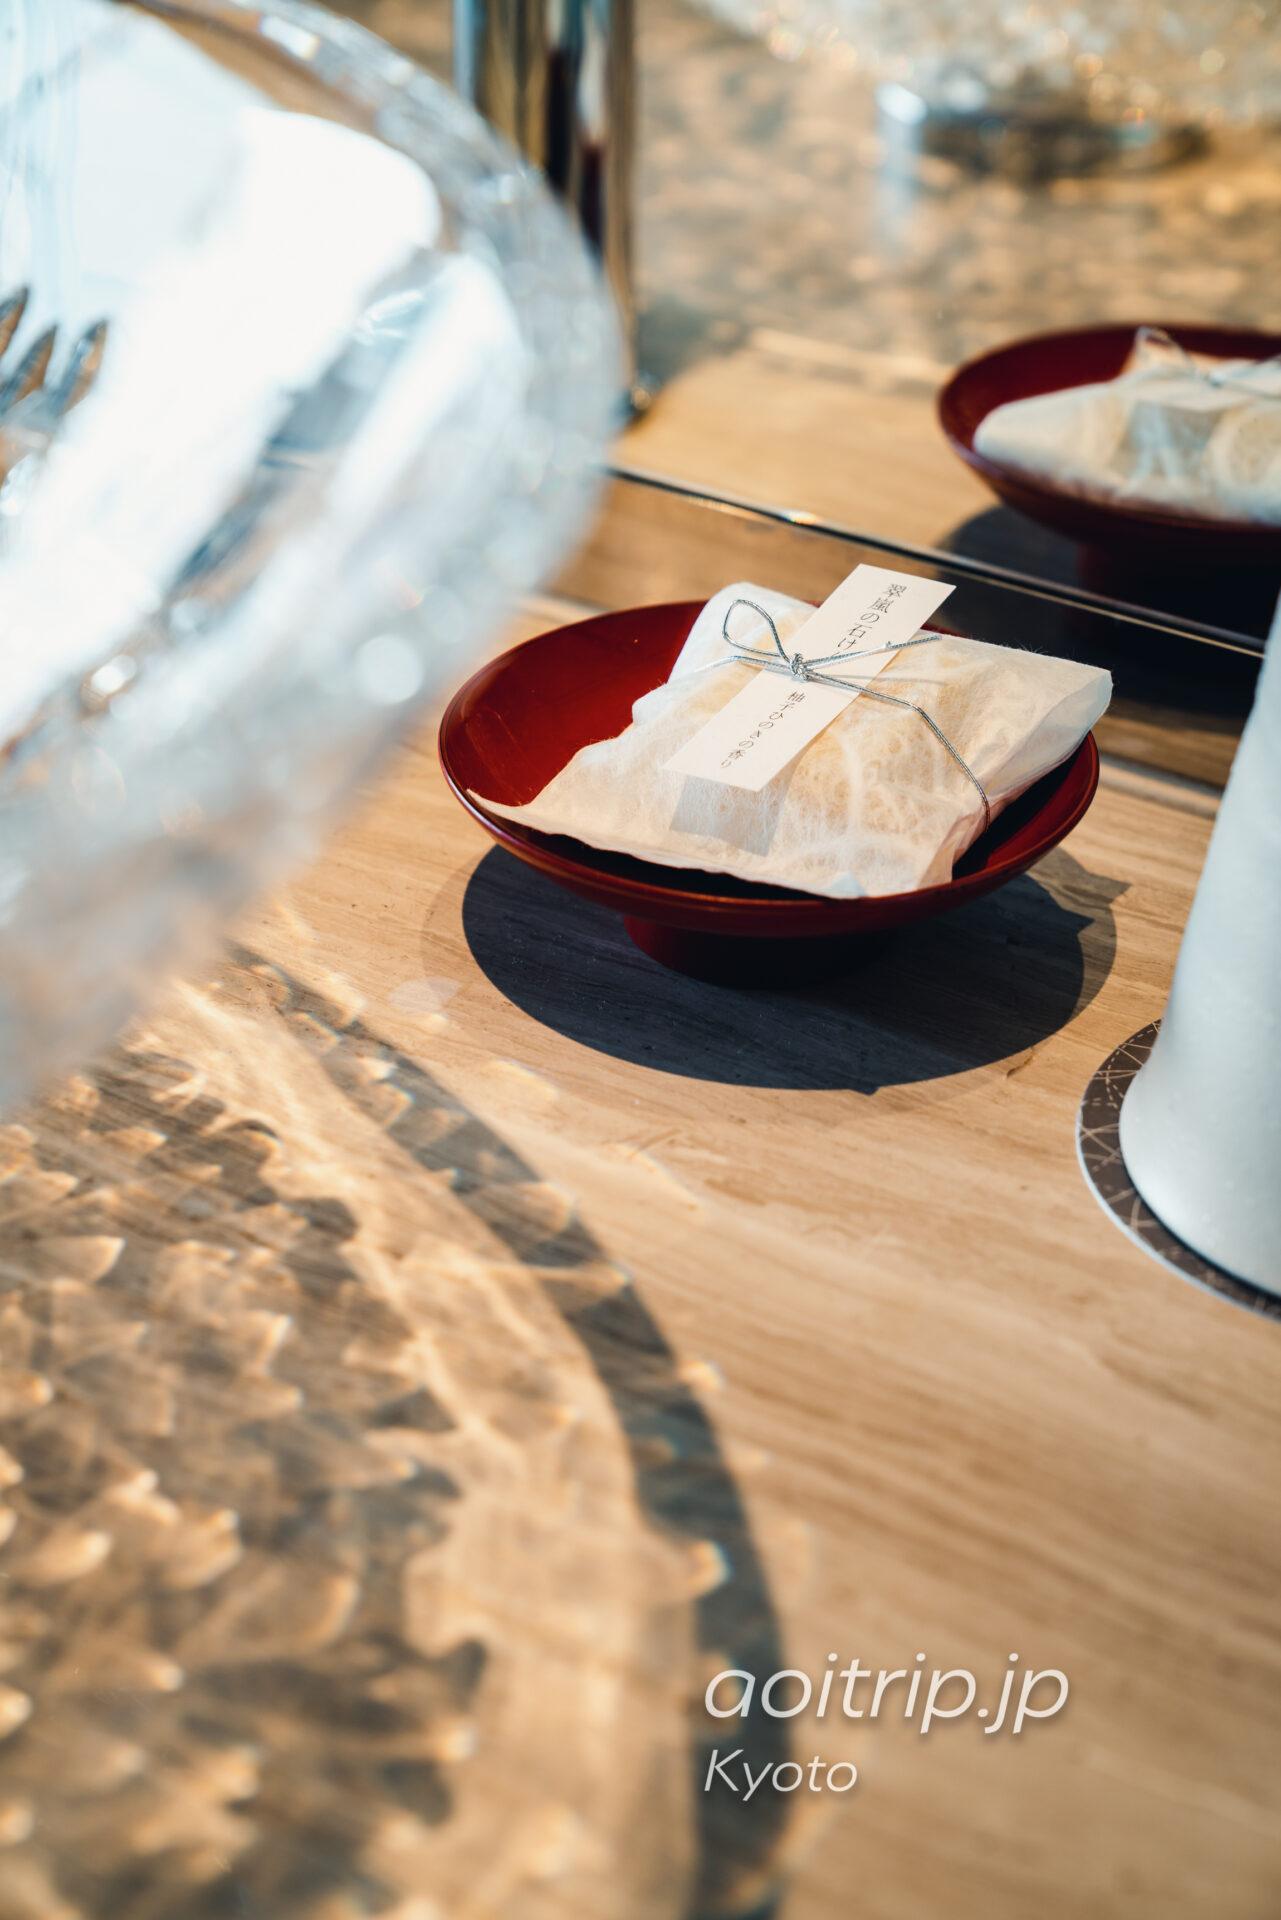 翠嵐(すいらん)プレジデンシャルコーナースイートの翠嵐の石けん 柚子ひのきの香り